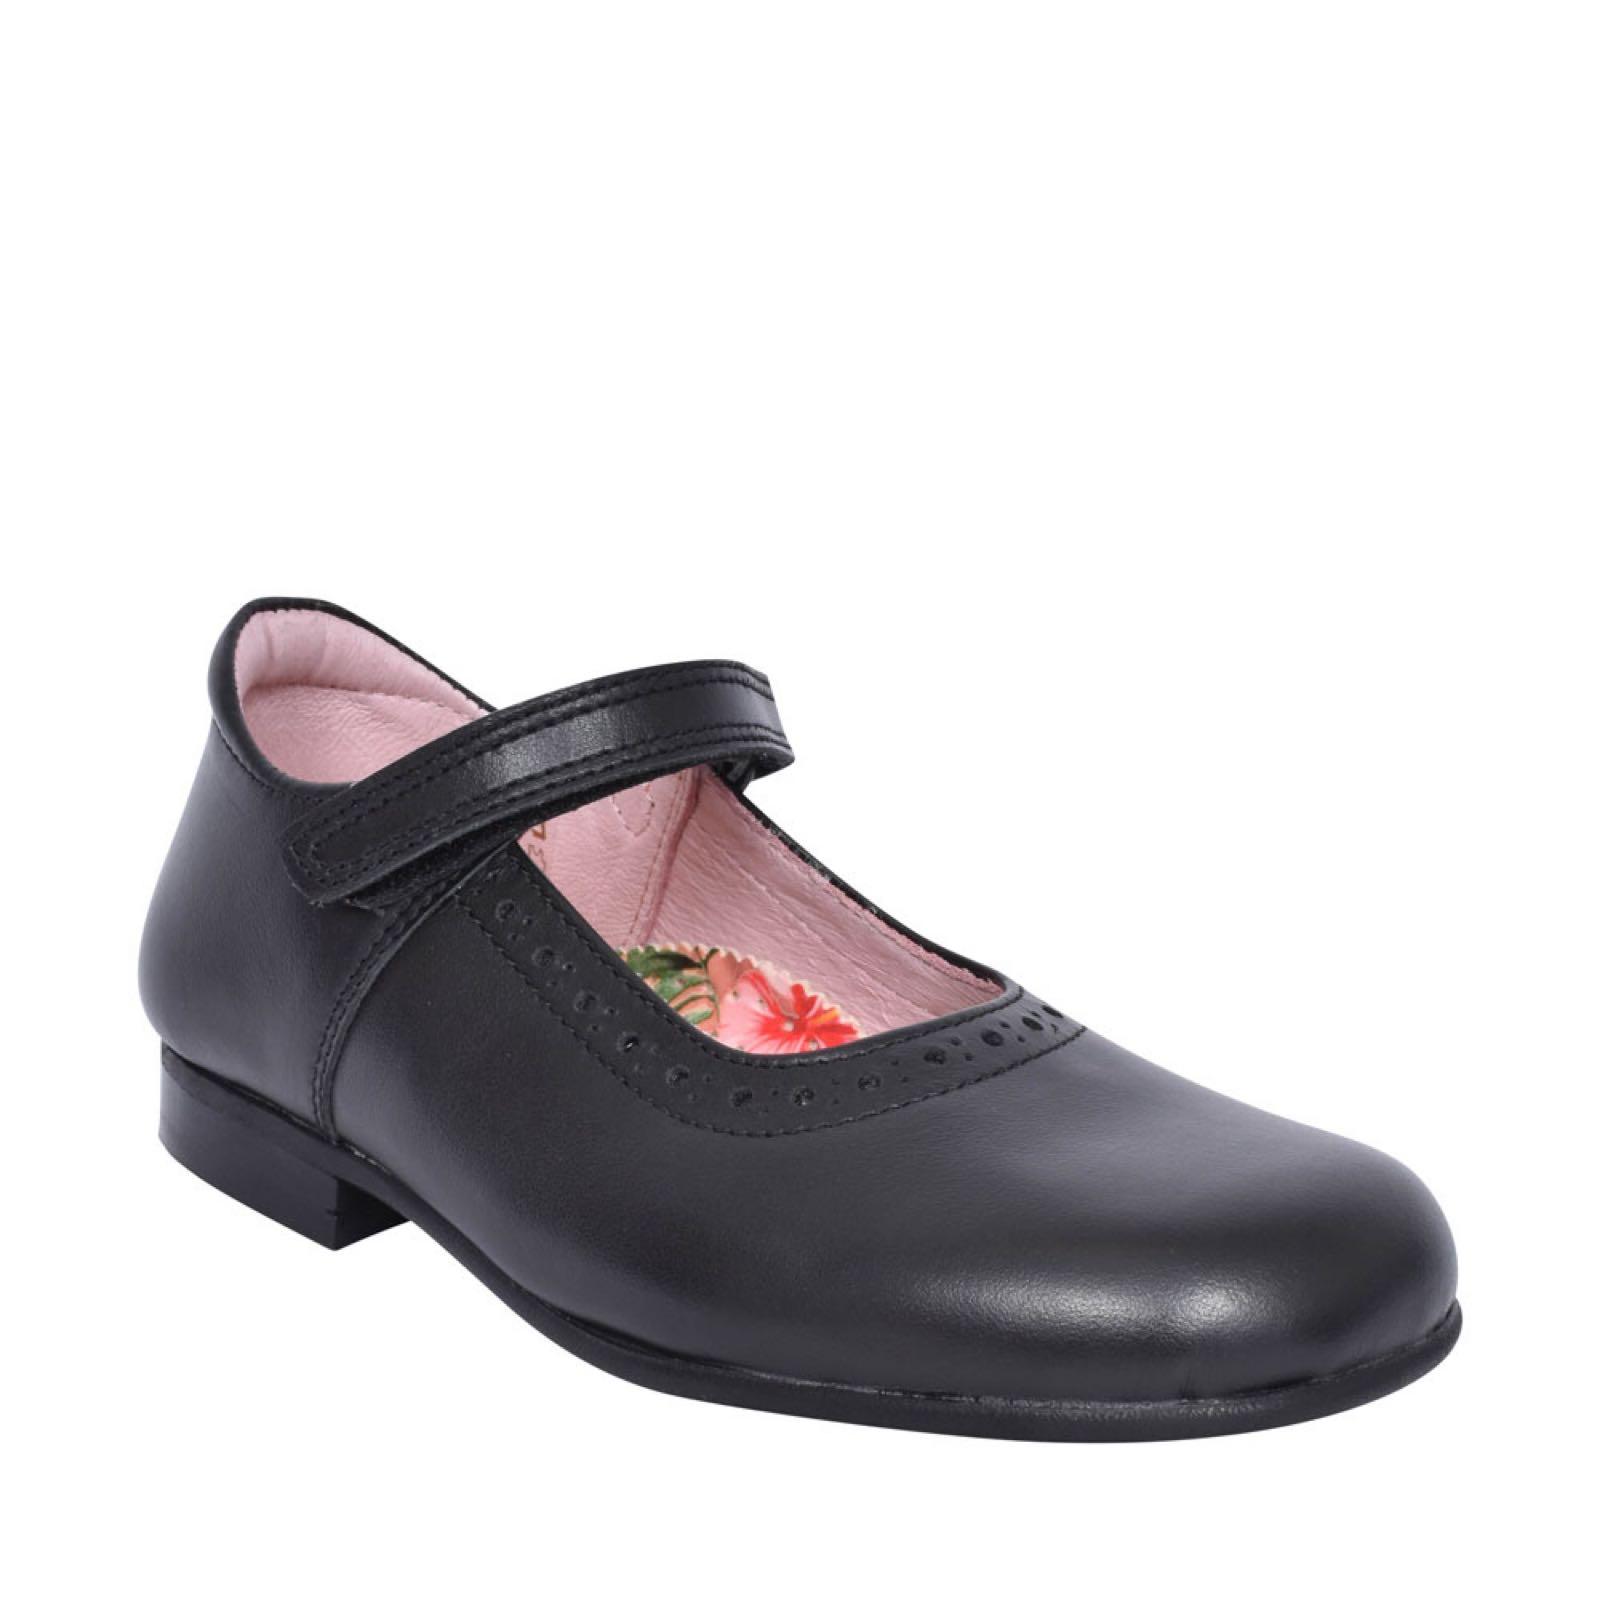 School Shoes PETASIL Tanya 5649-321